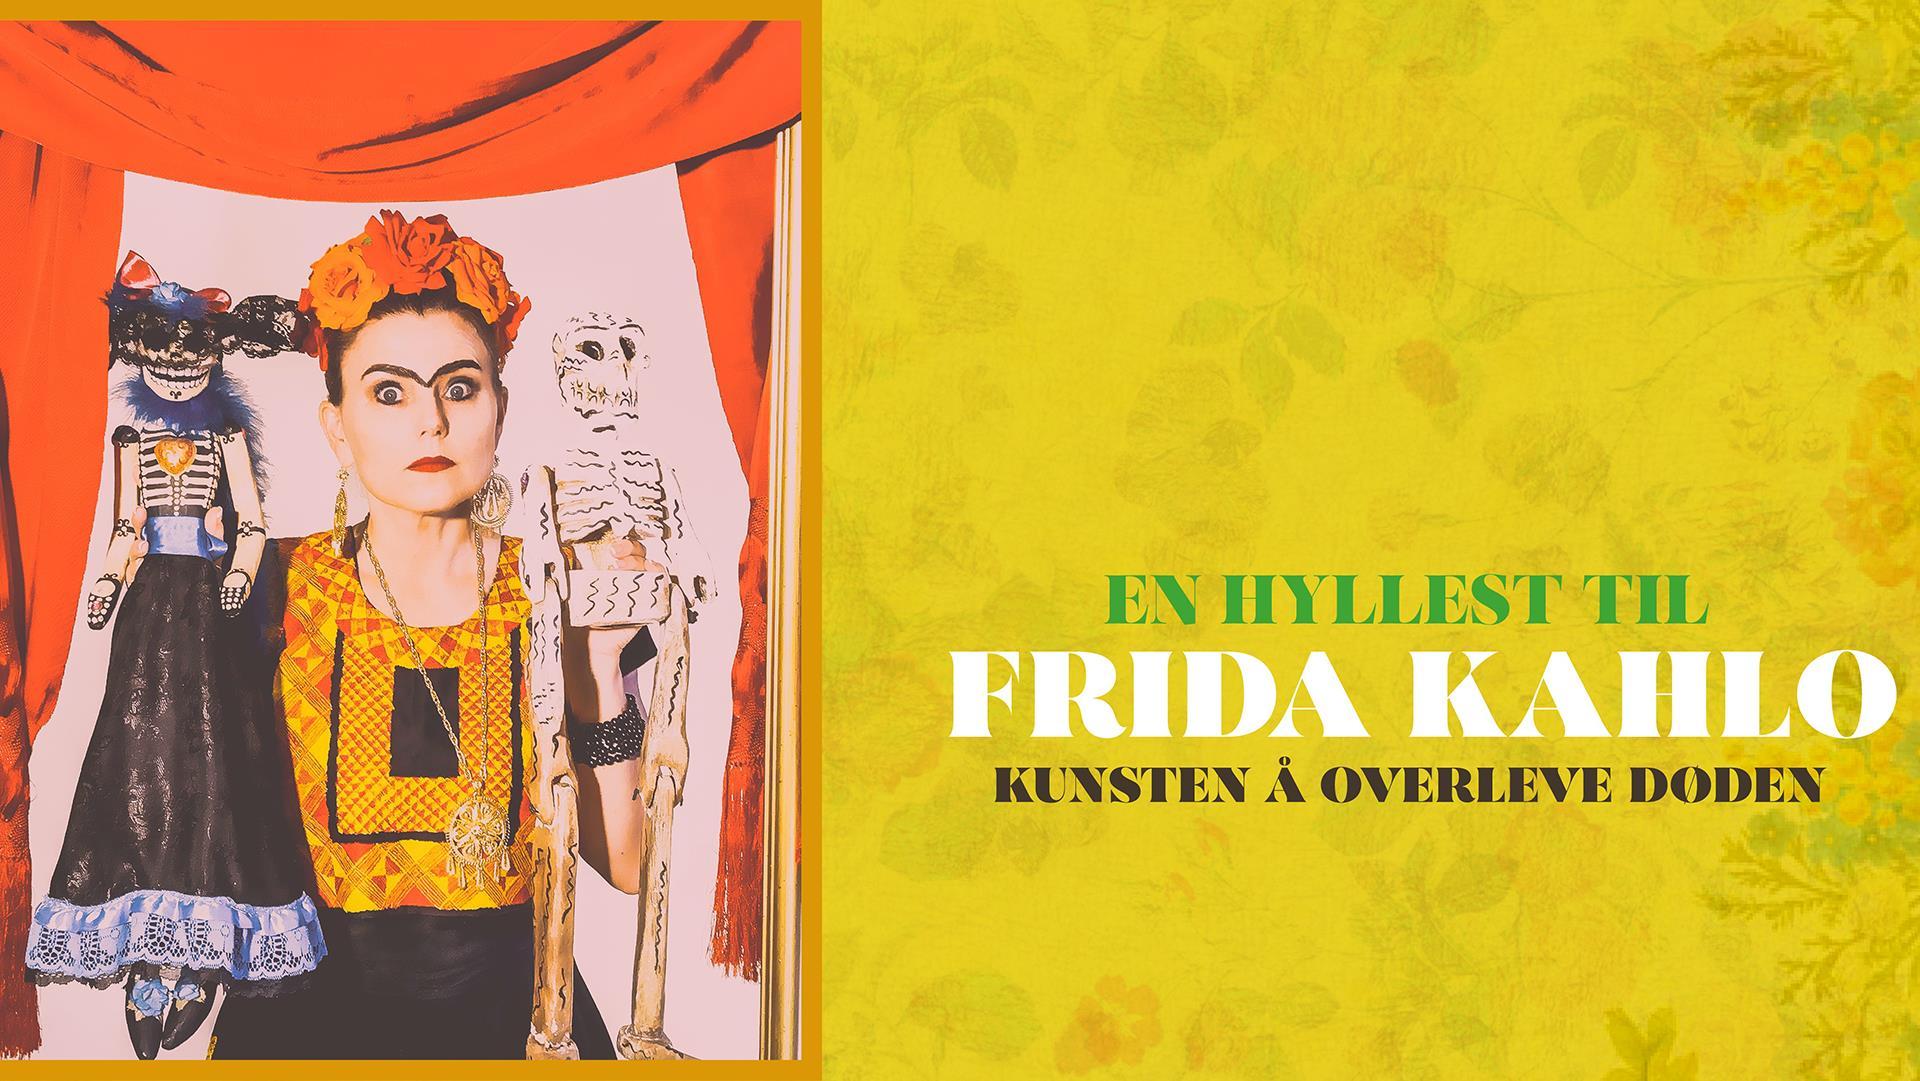 En hyllest til Frida Kahlo